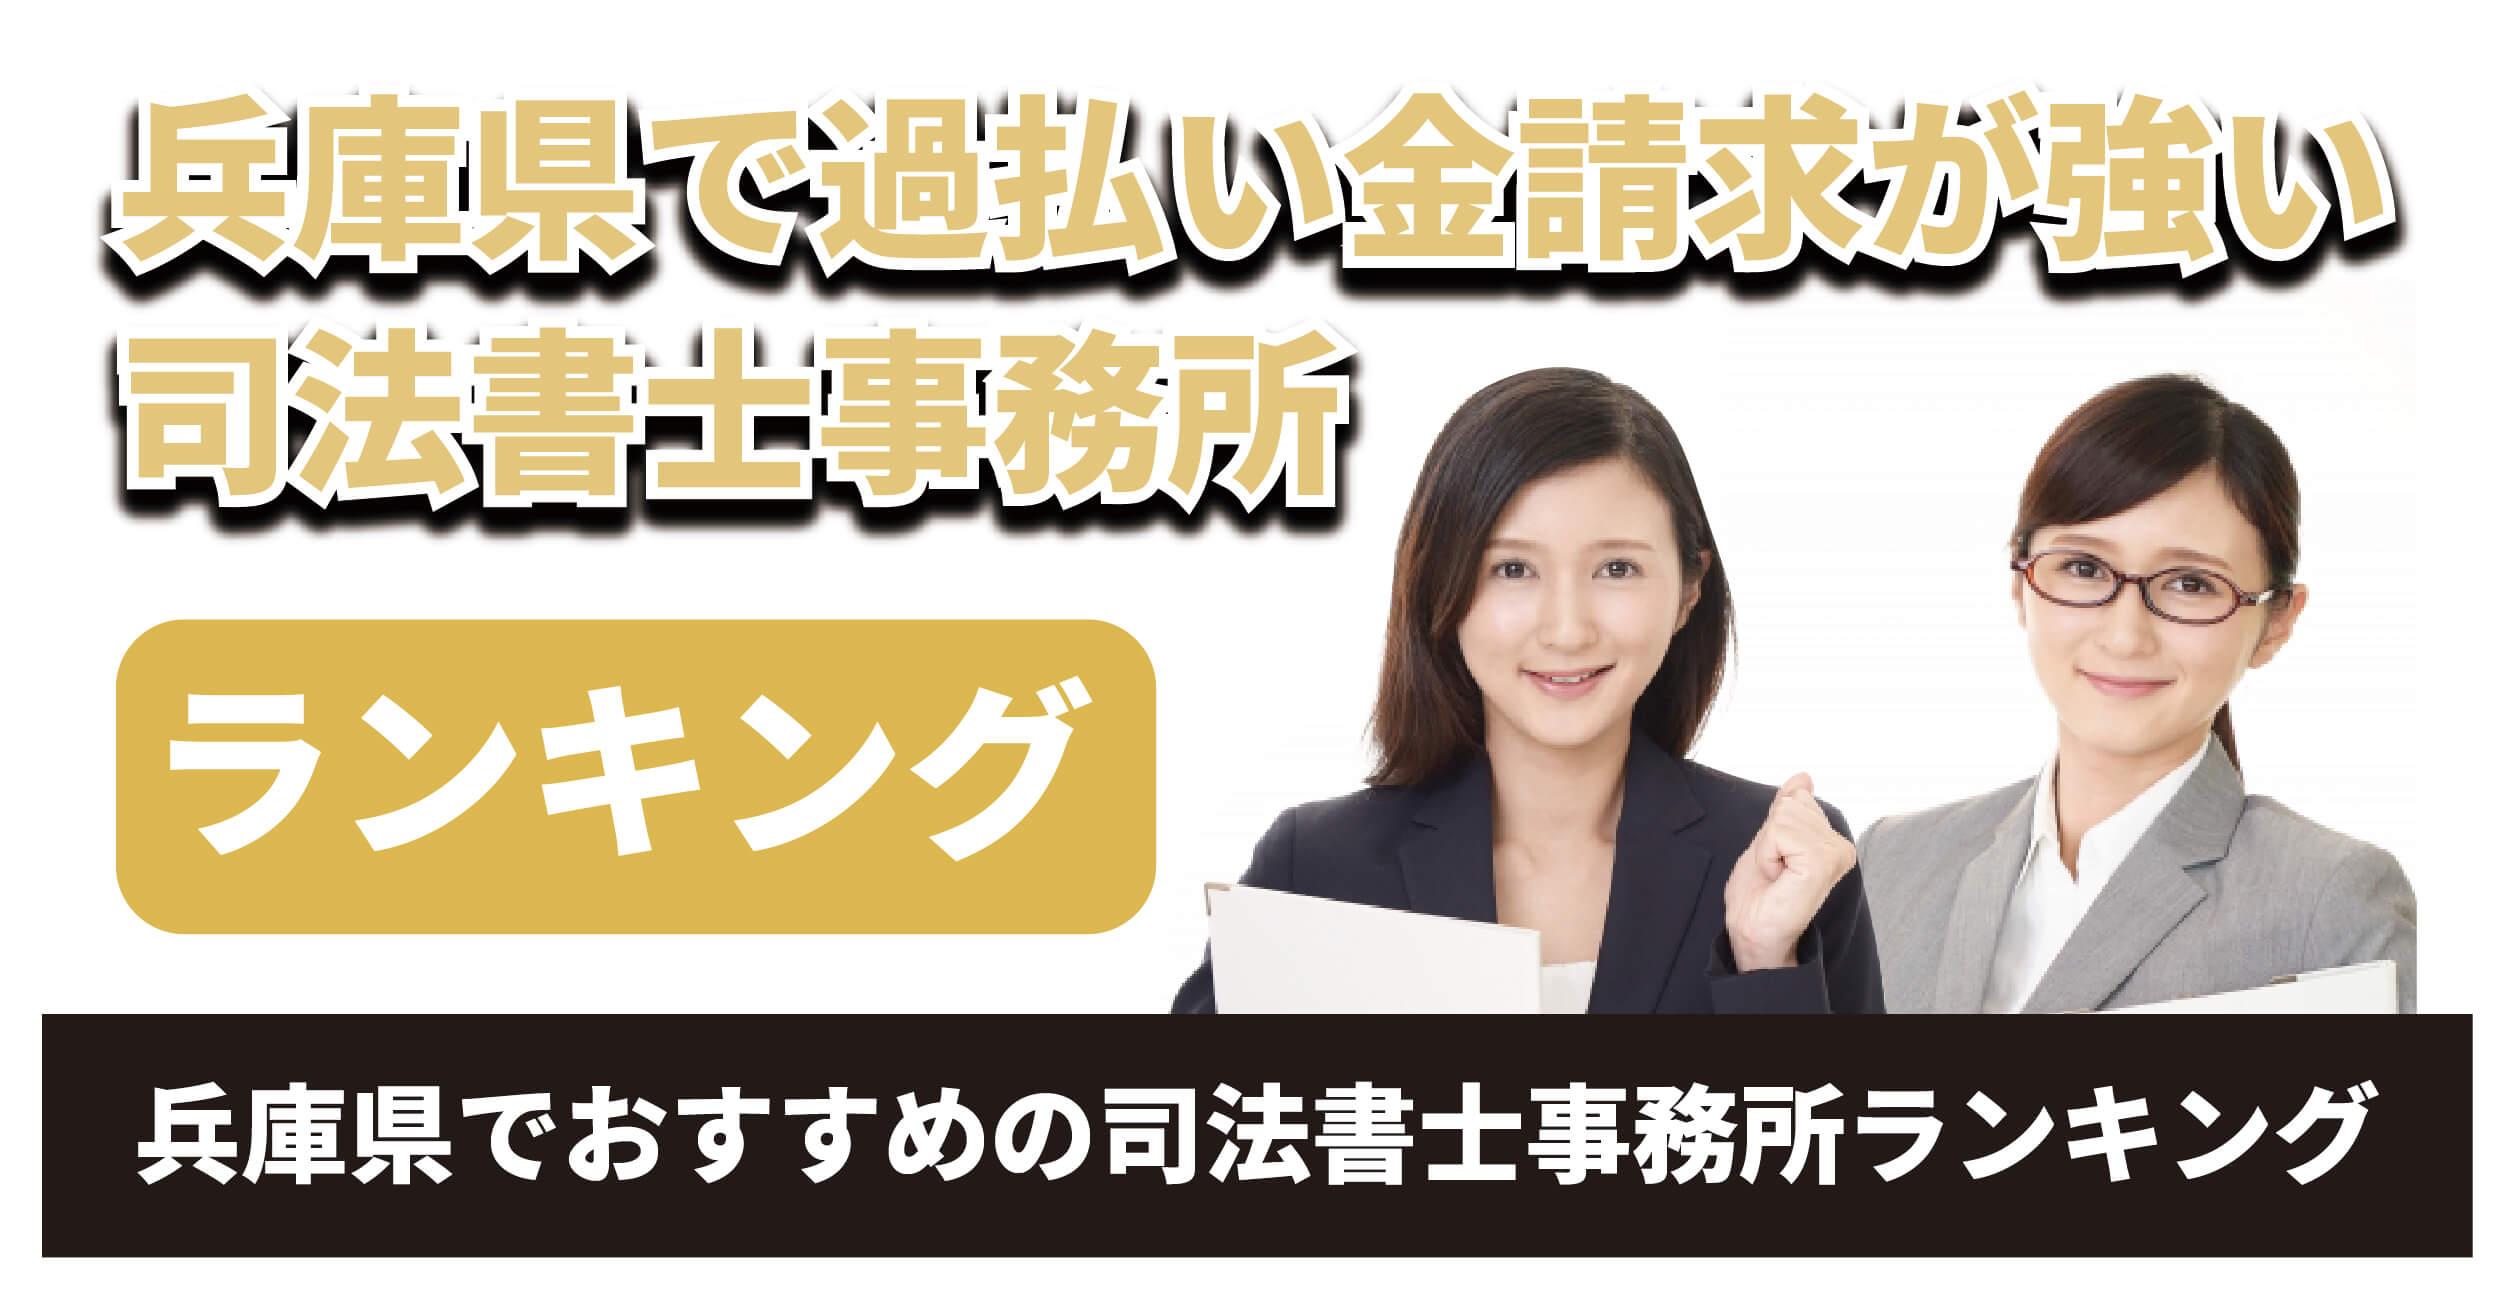 兵庫県で過払い金請求が強い司法書士は?